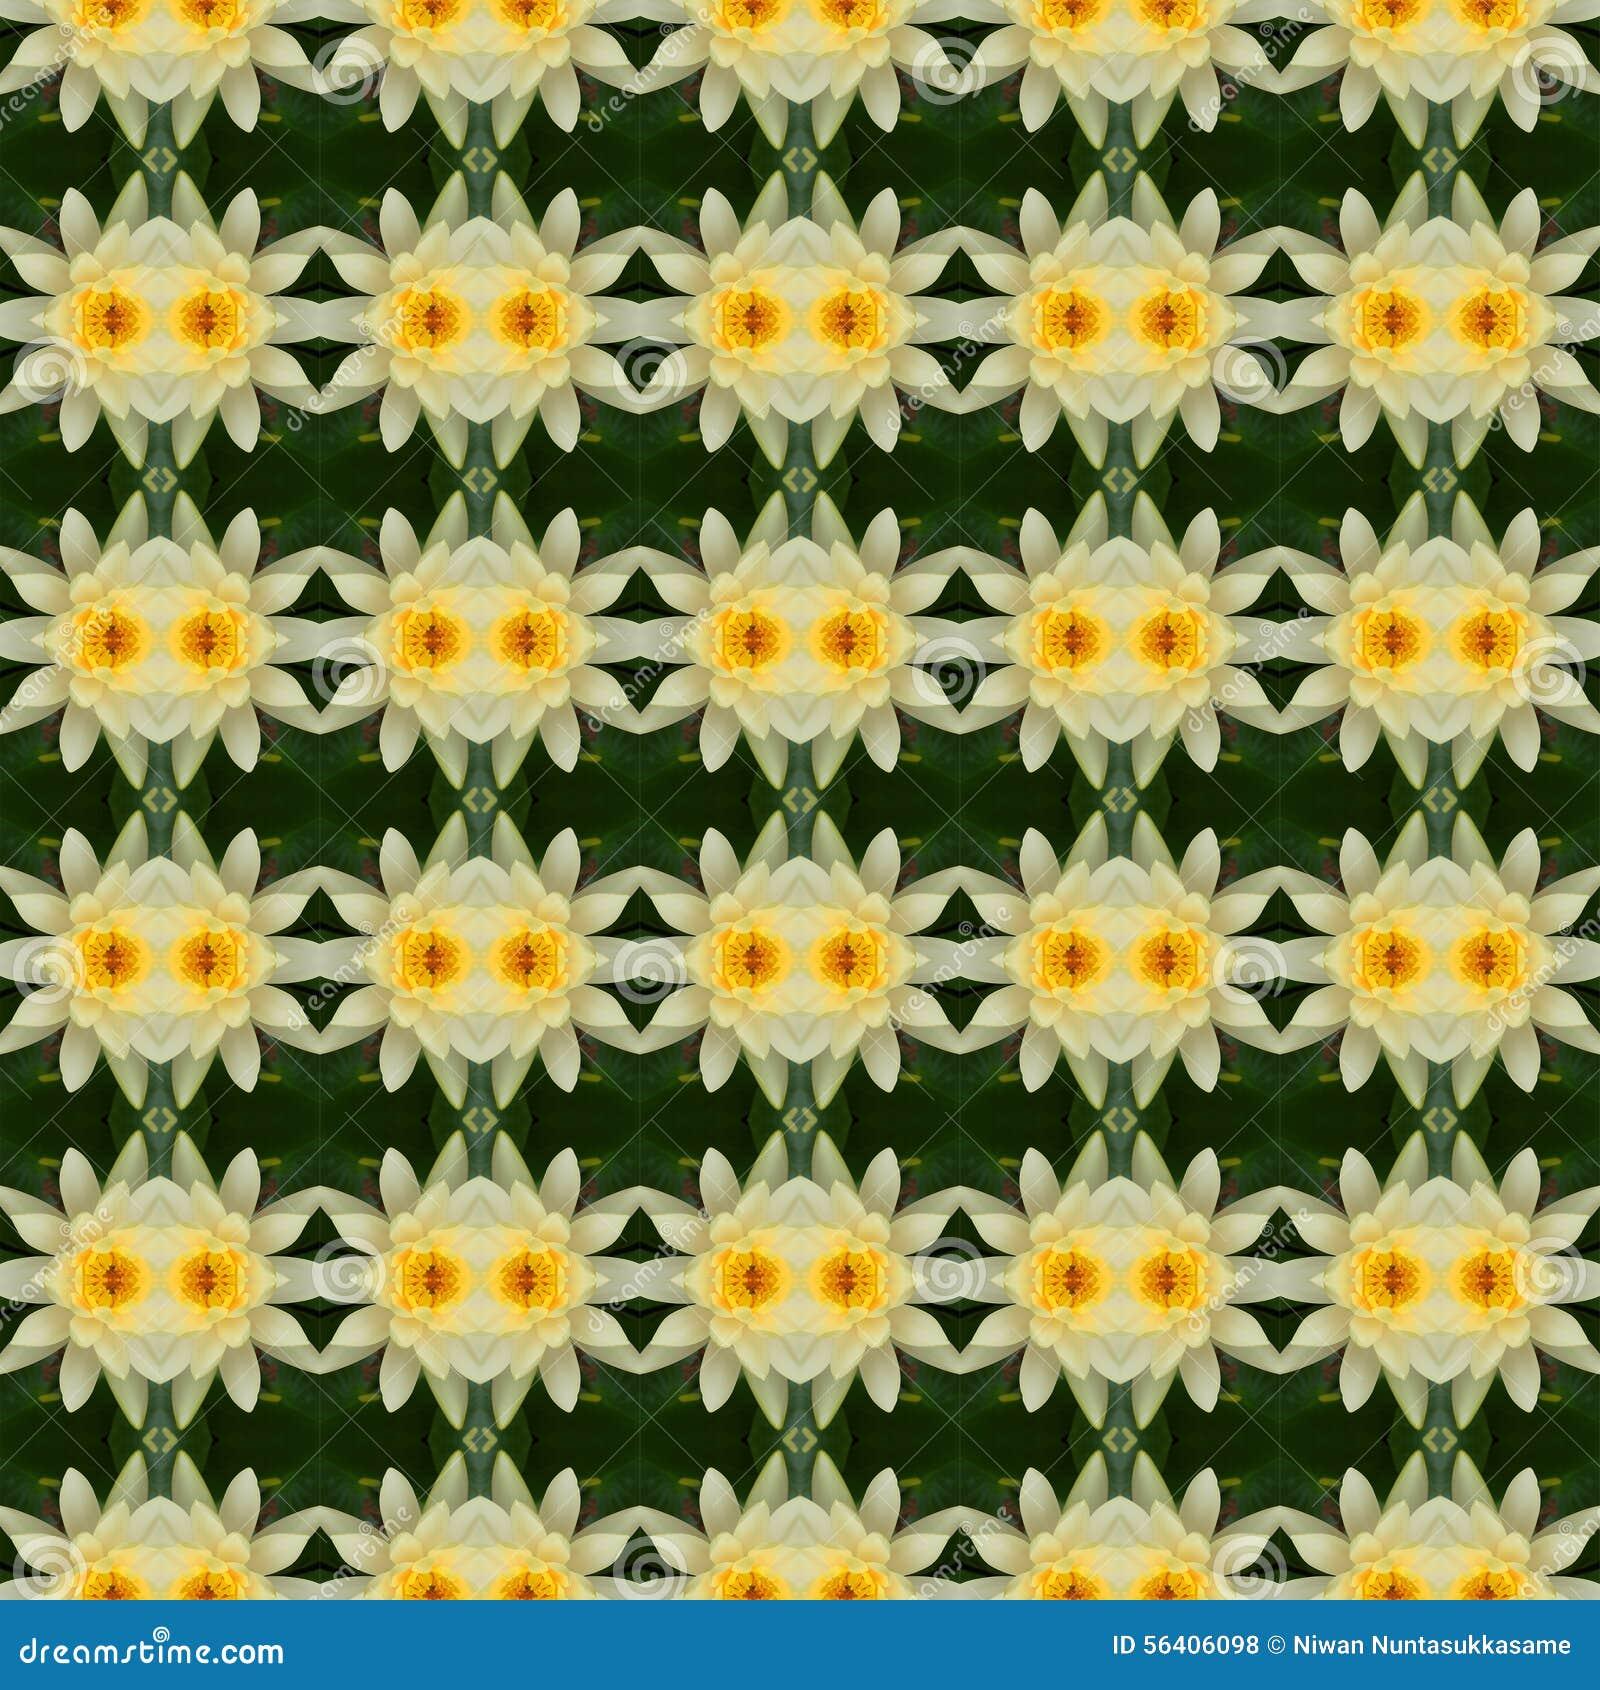 Wunderbarer gelber Lotos in voller Blüte nahtlos